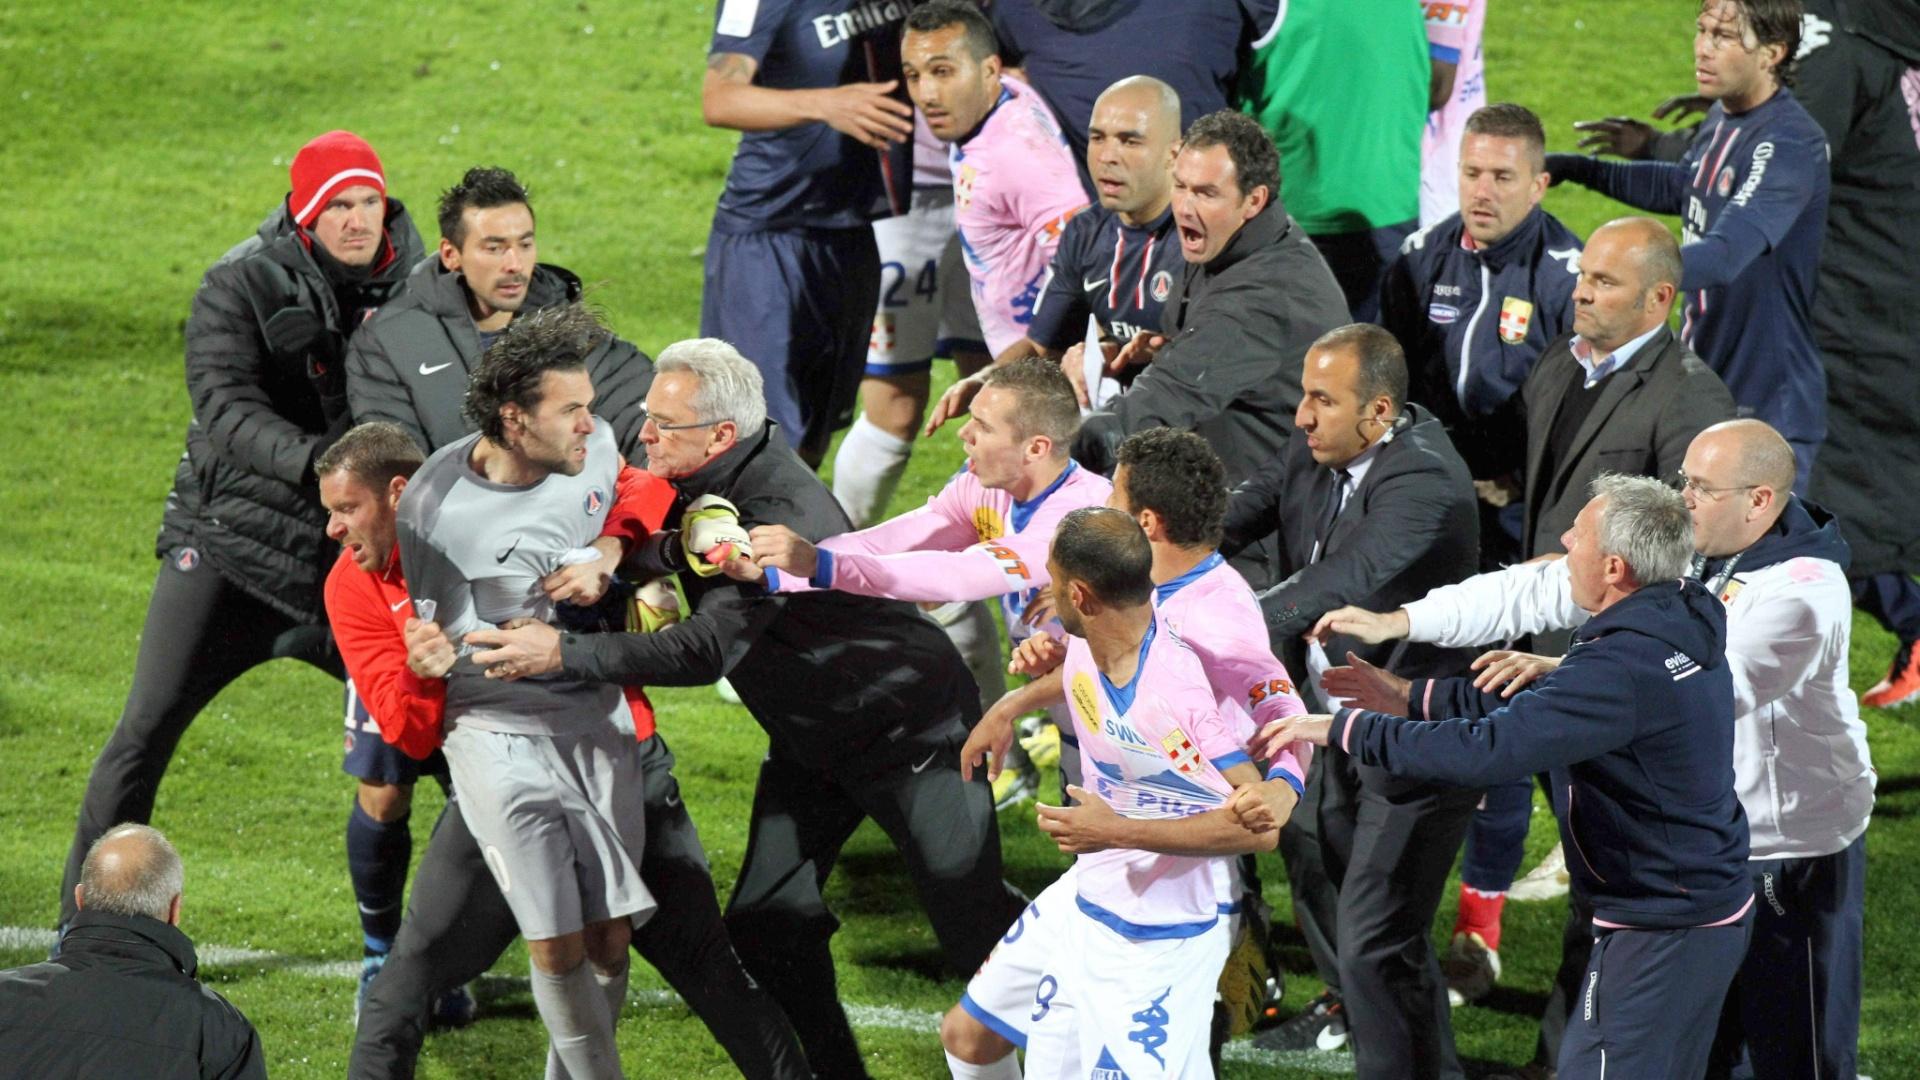 28.abr.2013 - Jogadores de Paris Saint-Germain e Évian se desentendem e brigam durante jogo do Campeonato Francês